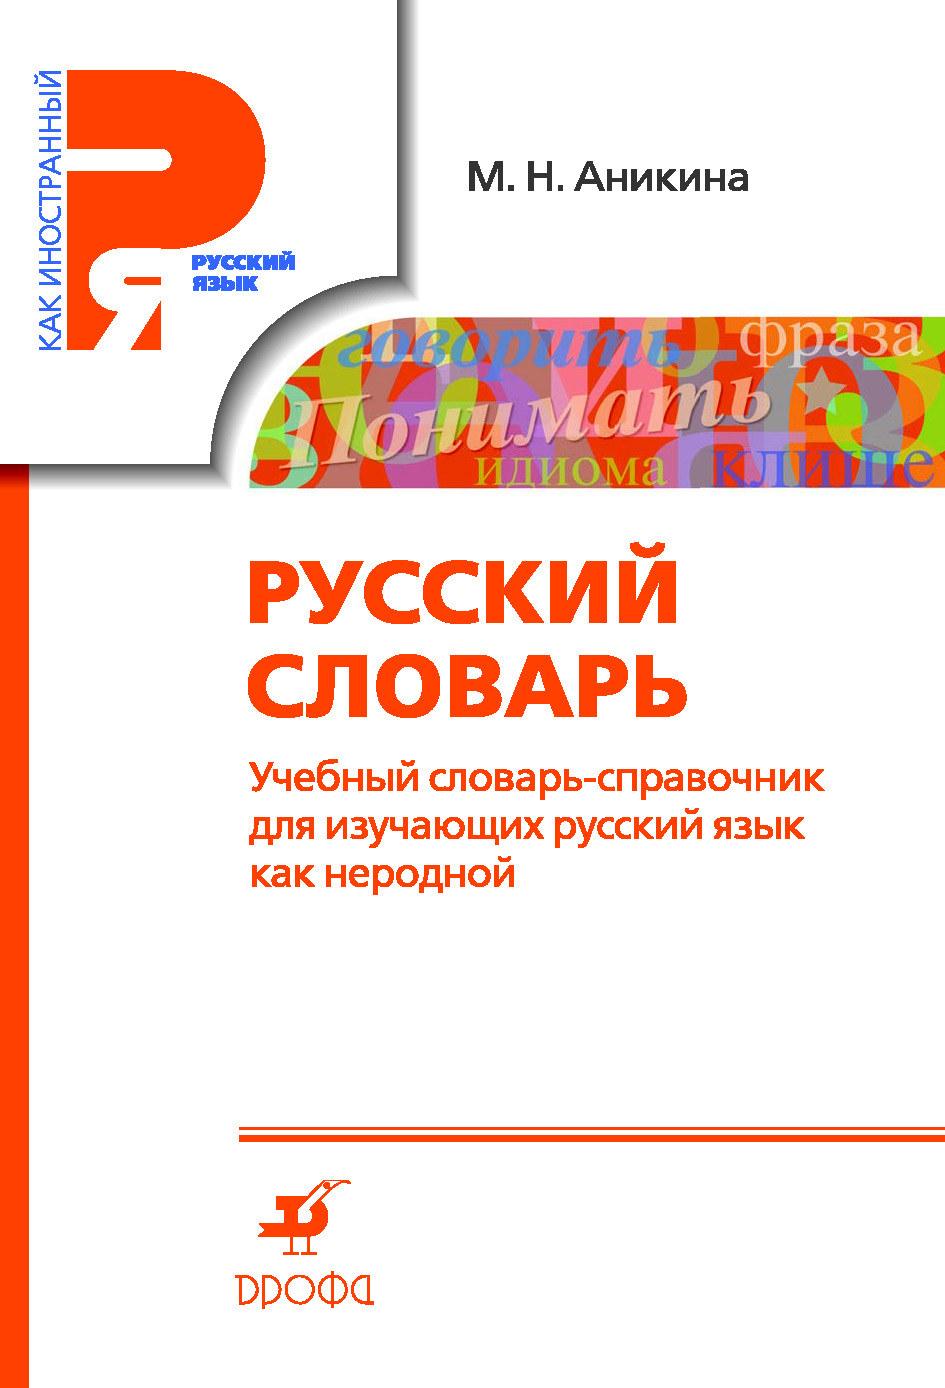 М. Н. Аникина Русский словарь. Учебный словарь русского языка для иностранцев